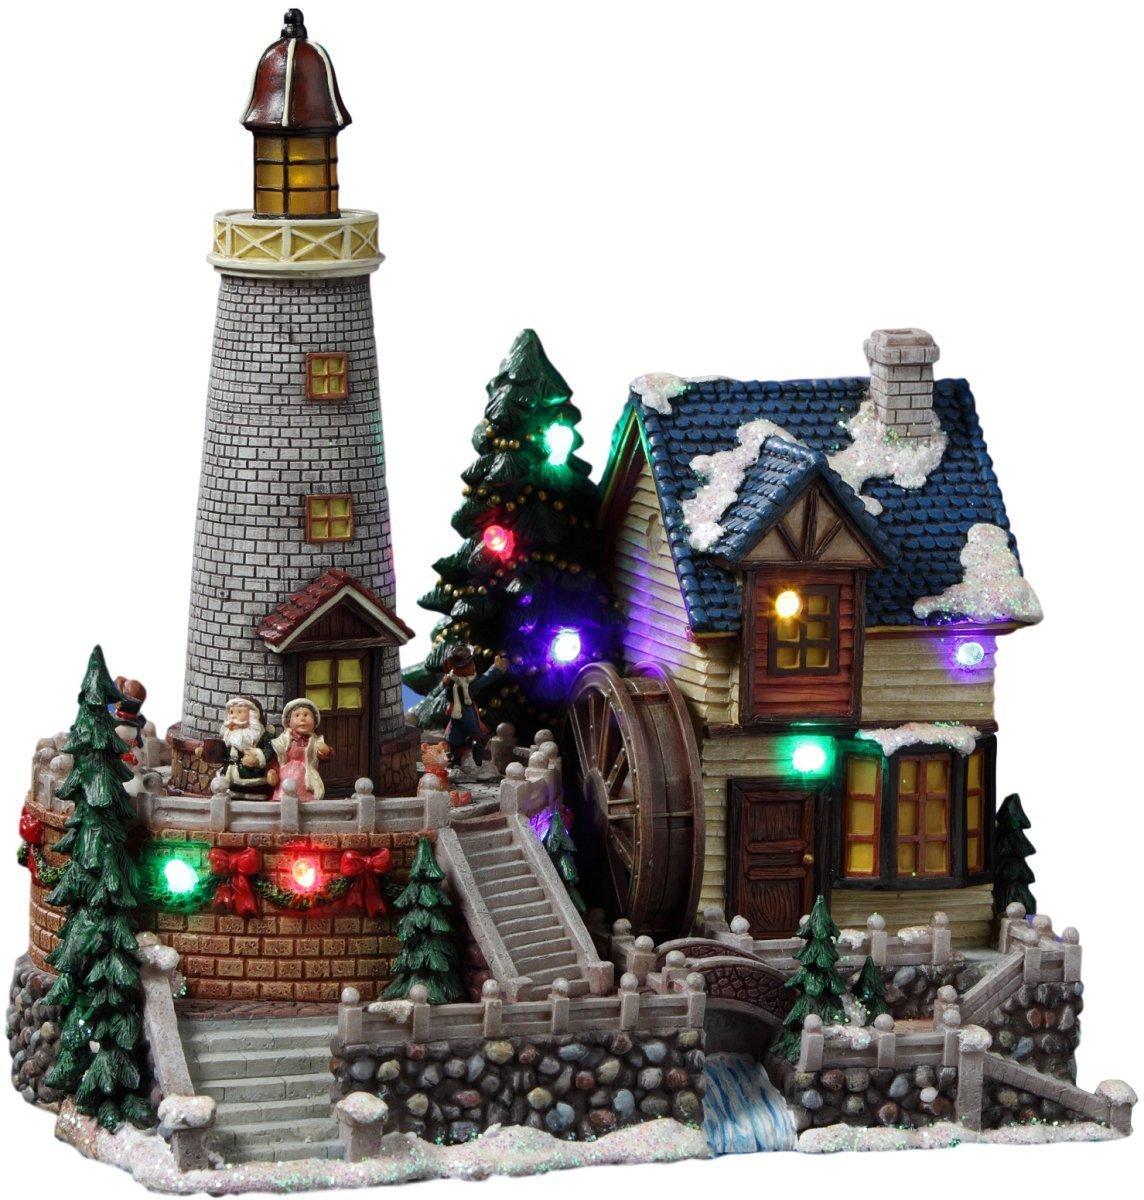 【オンライン限定商品】 Santa`s Animated Lighthouse Santa`s Village Figurine Color by The San Francisco Music Music Box Company (並行輸入品) B07DQCRNKC One Color One Size, 中区:60a24ae6 --- arcego.dominiotemporario.com